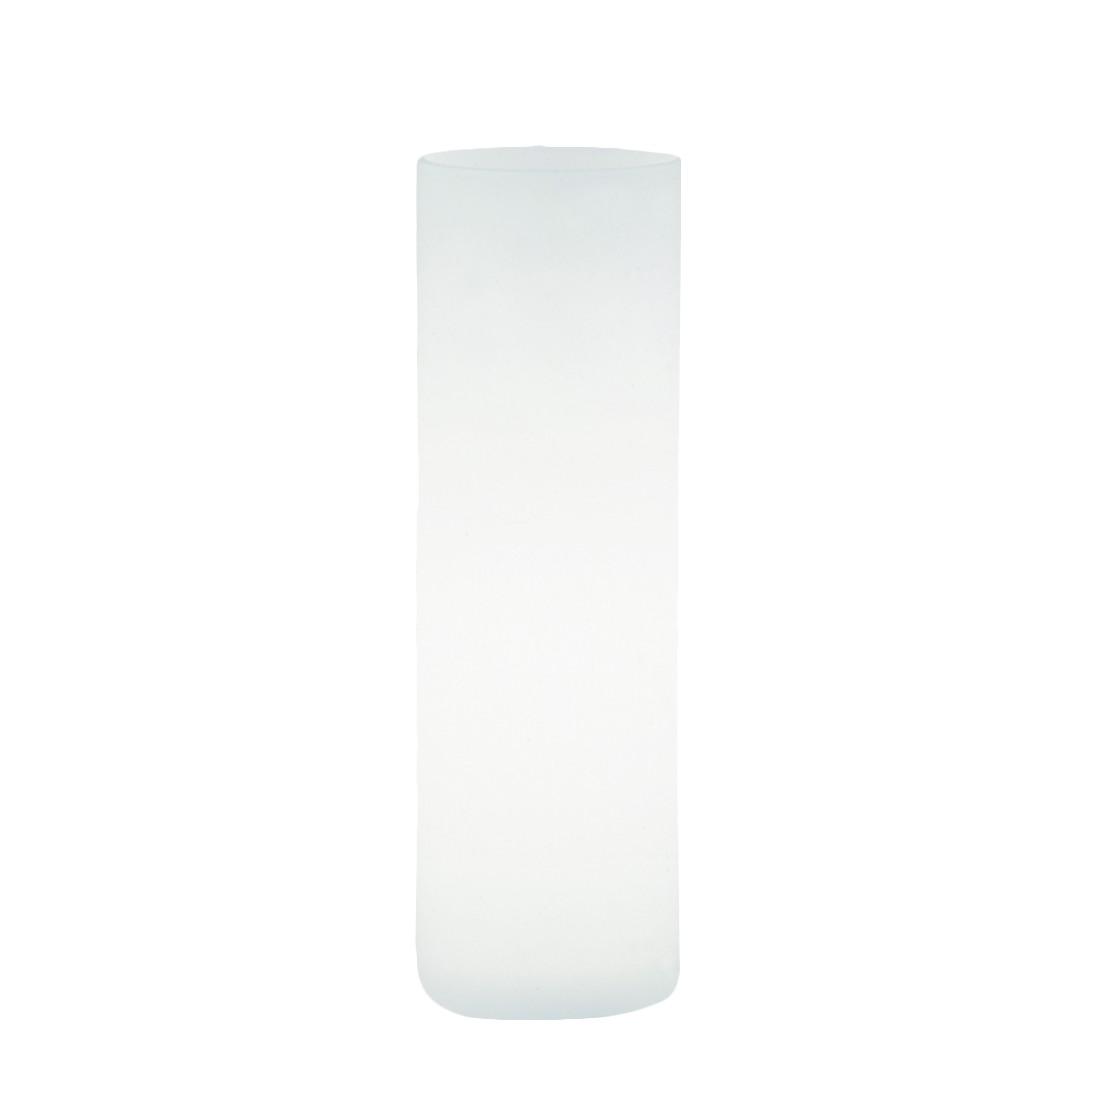 EEK A++, Tischleuchte CYLINDERE – Metall/Glas – 1-flammig, Wofi günstig kaufen